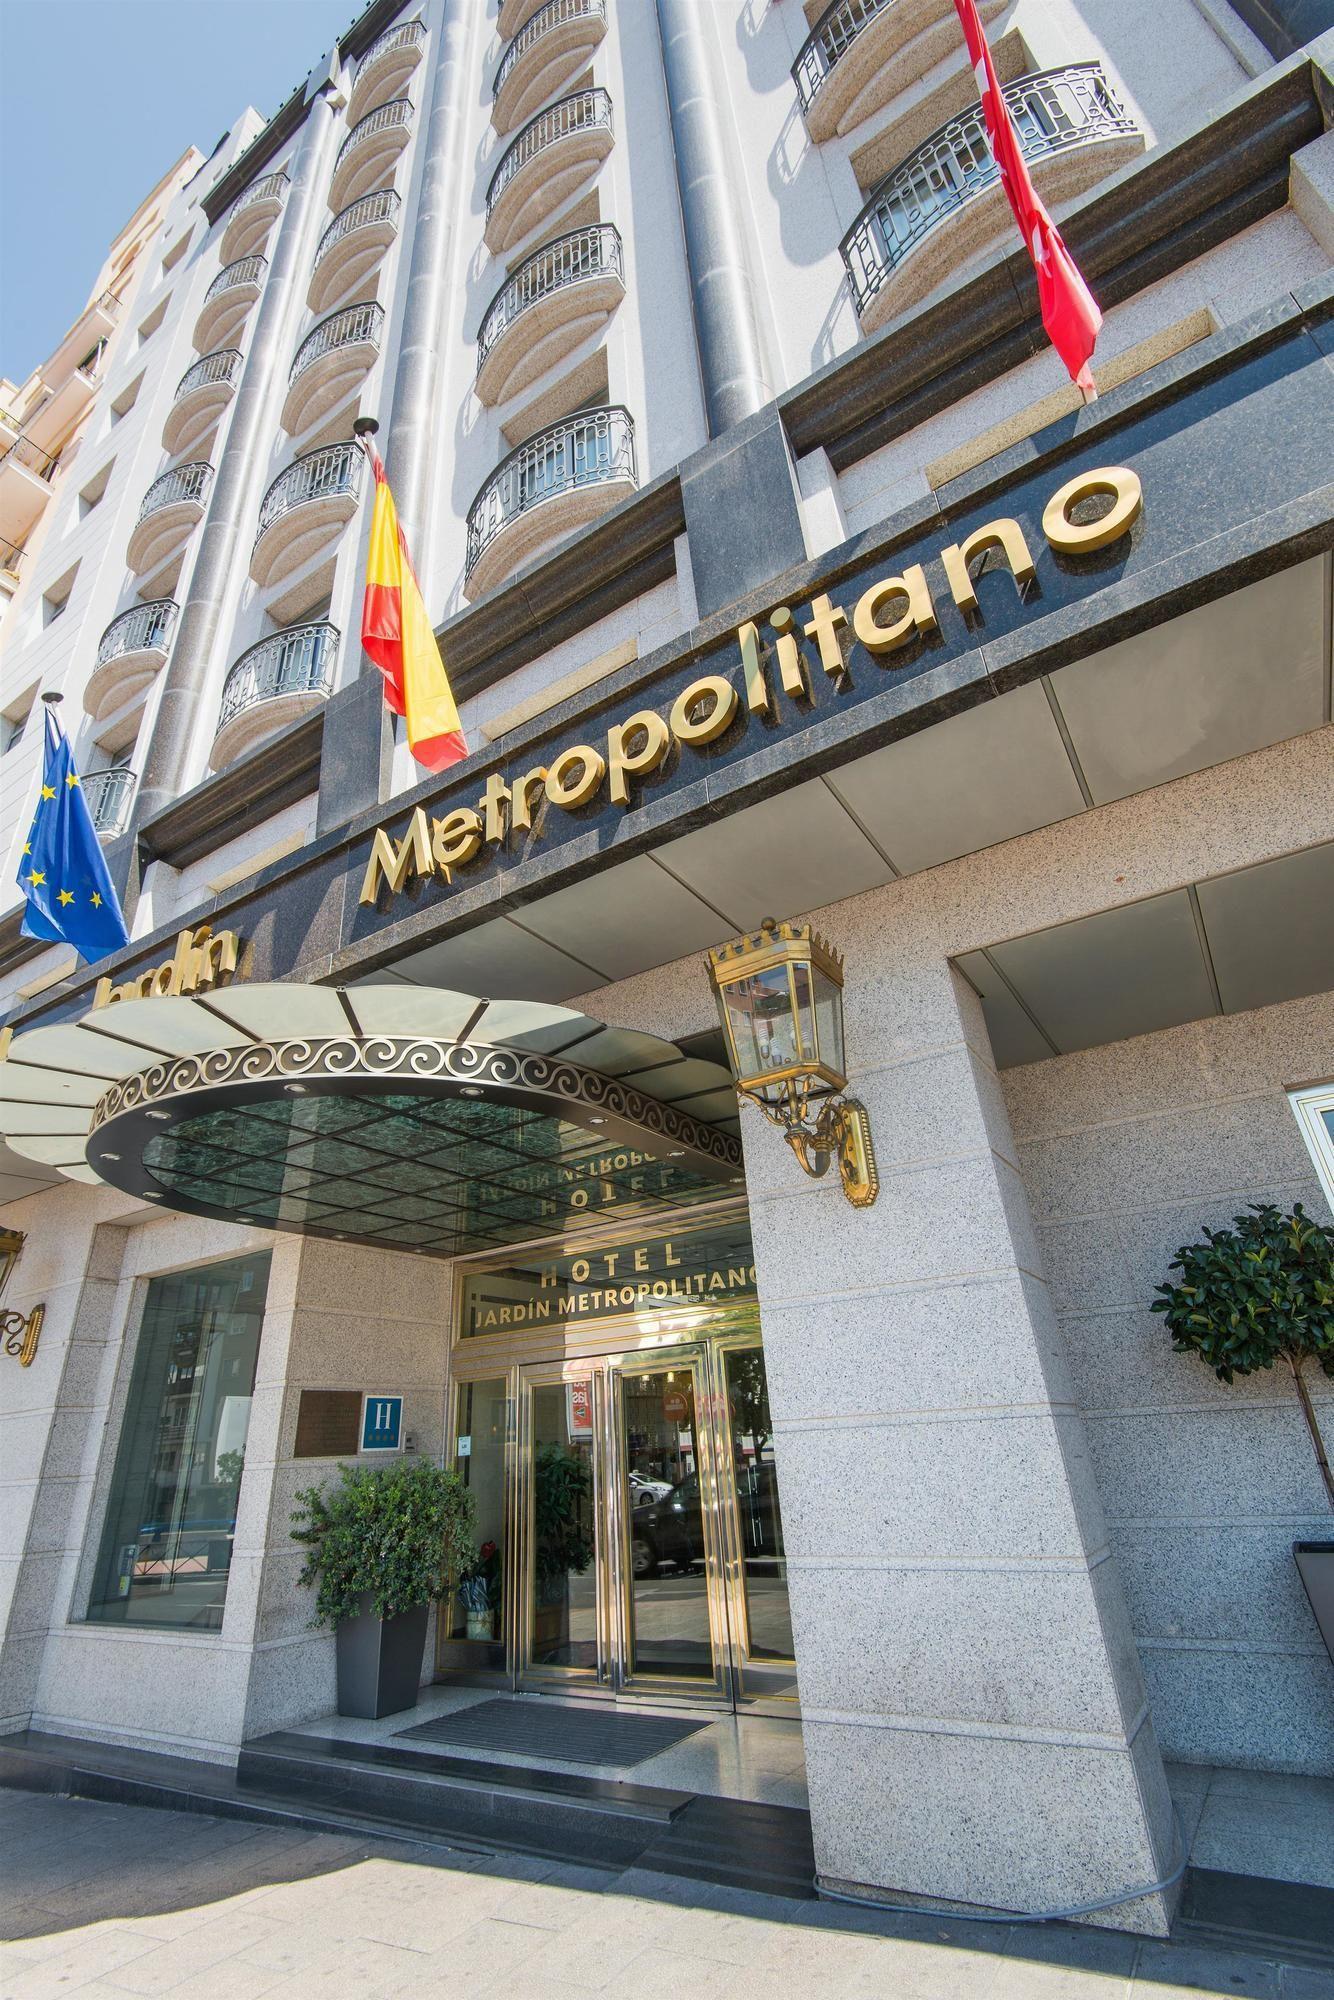 Vp Jardin Metropolitano Madrid Hotels Skyscanner